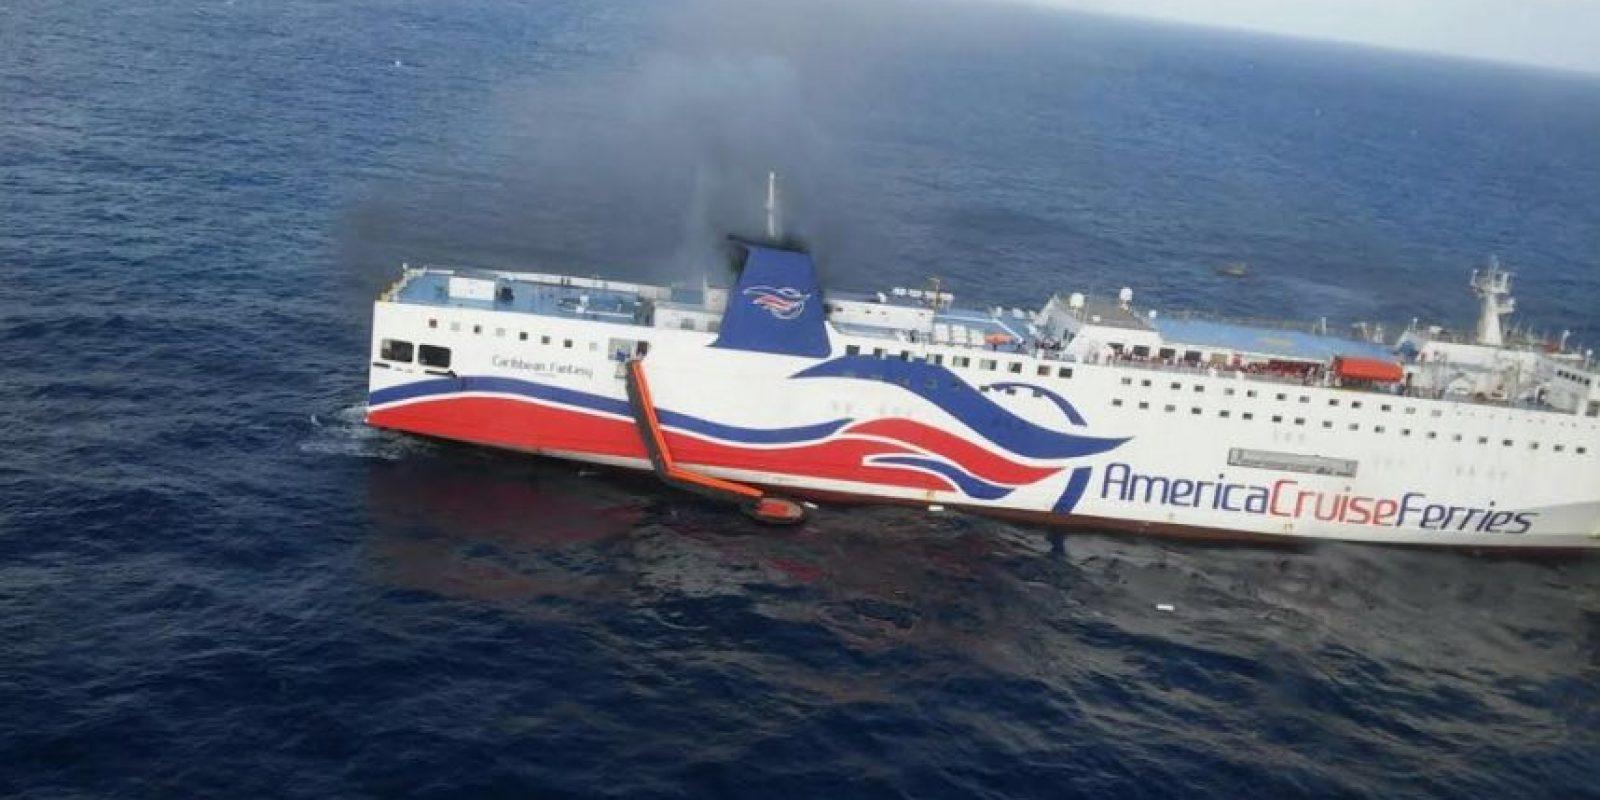 El ferry Caribbean Fantasy sufrió un fuego que se desató en la sala de máquinas y obligó al desalojó de 387 pasajeros y tripulantes, en total 512 personas Foto:Fuente Externa